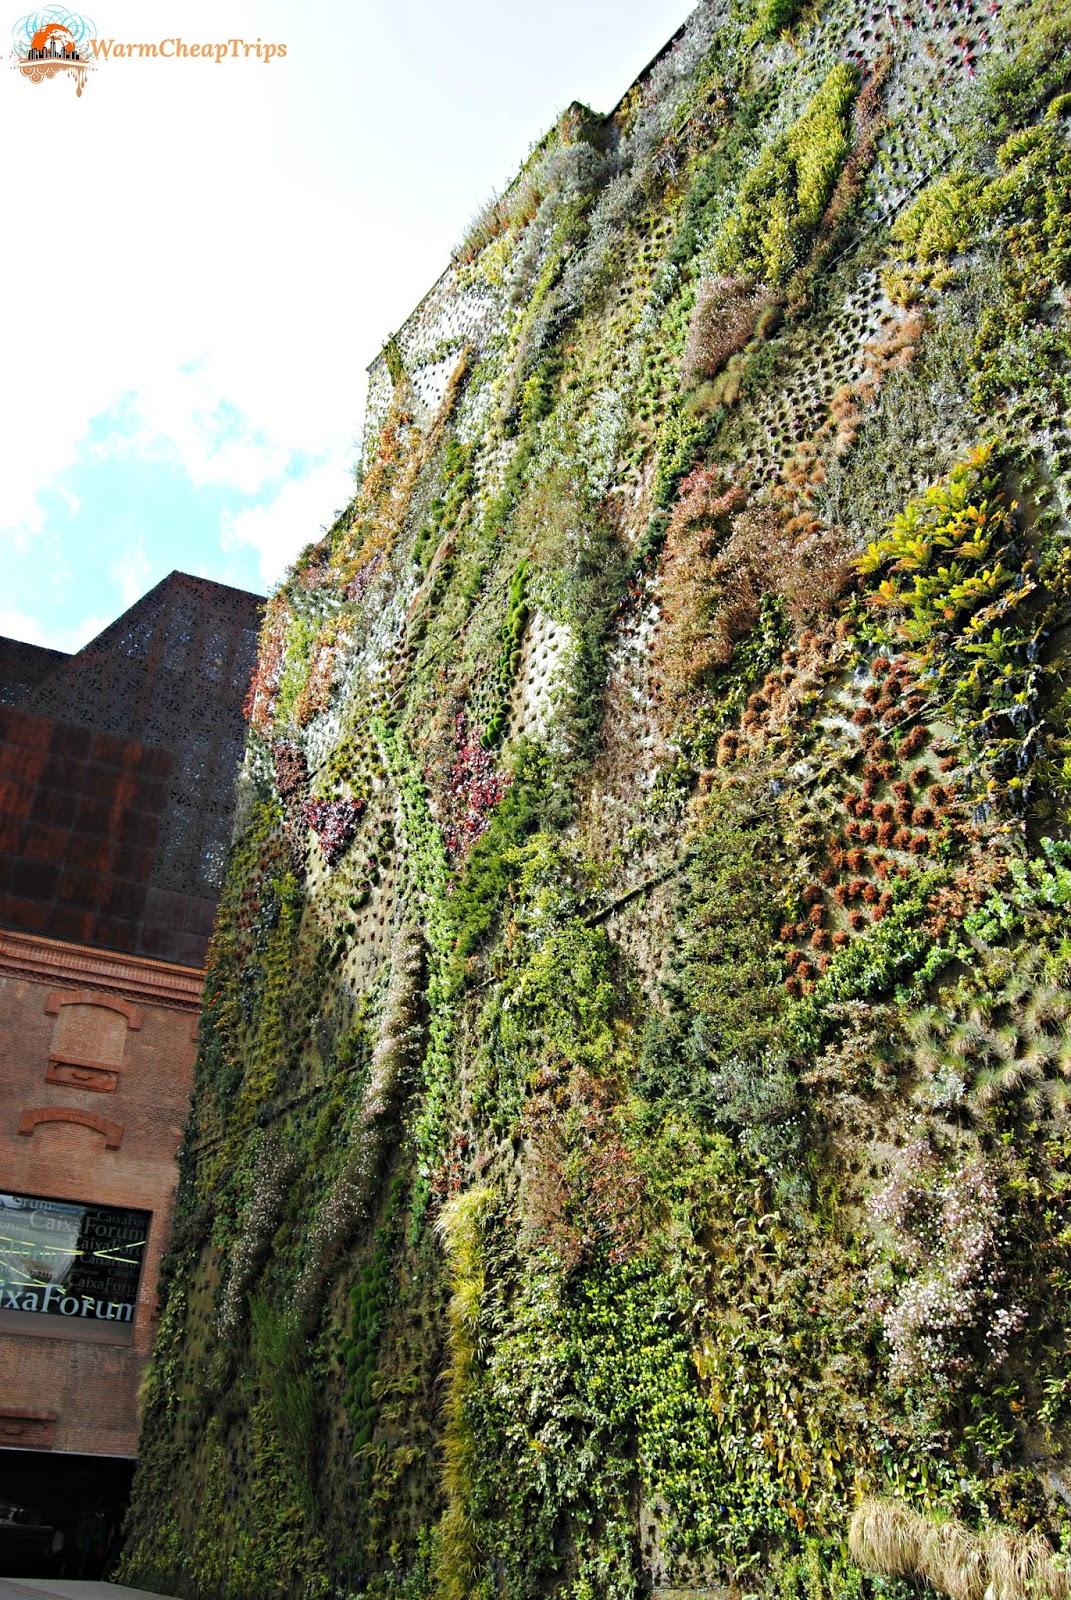 Madrid in due giorni pi uno warmcheaptrips - Giardino verticale madrid ...